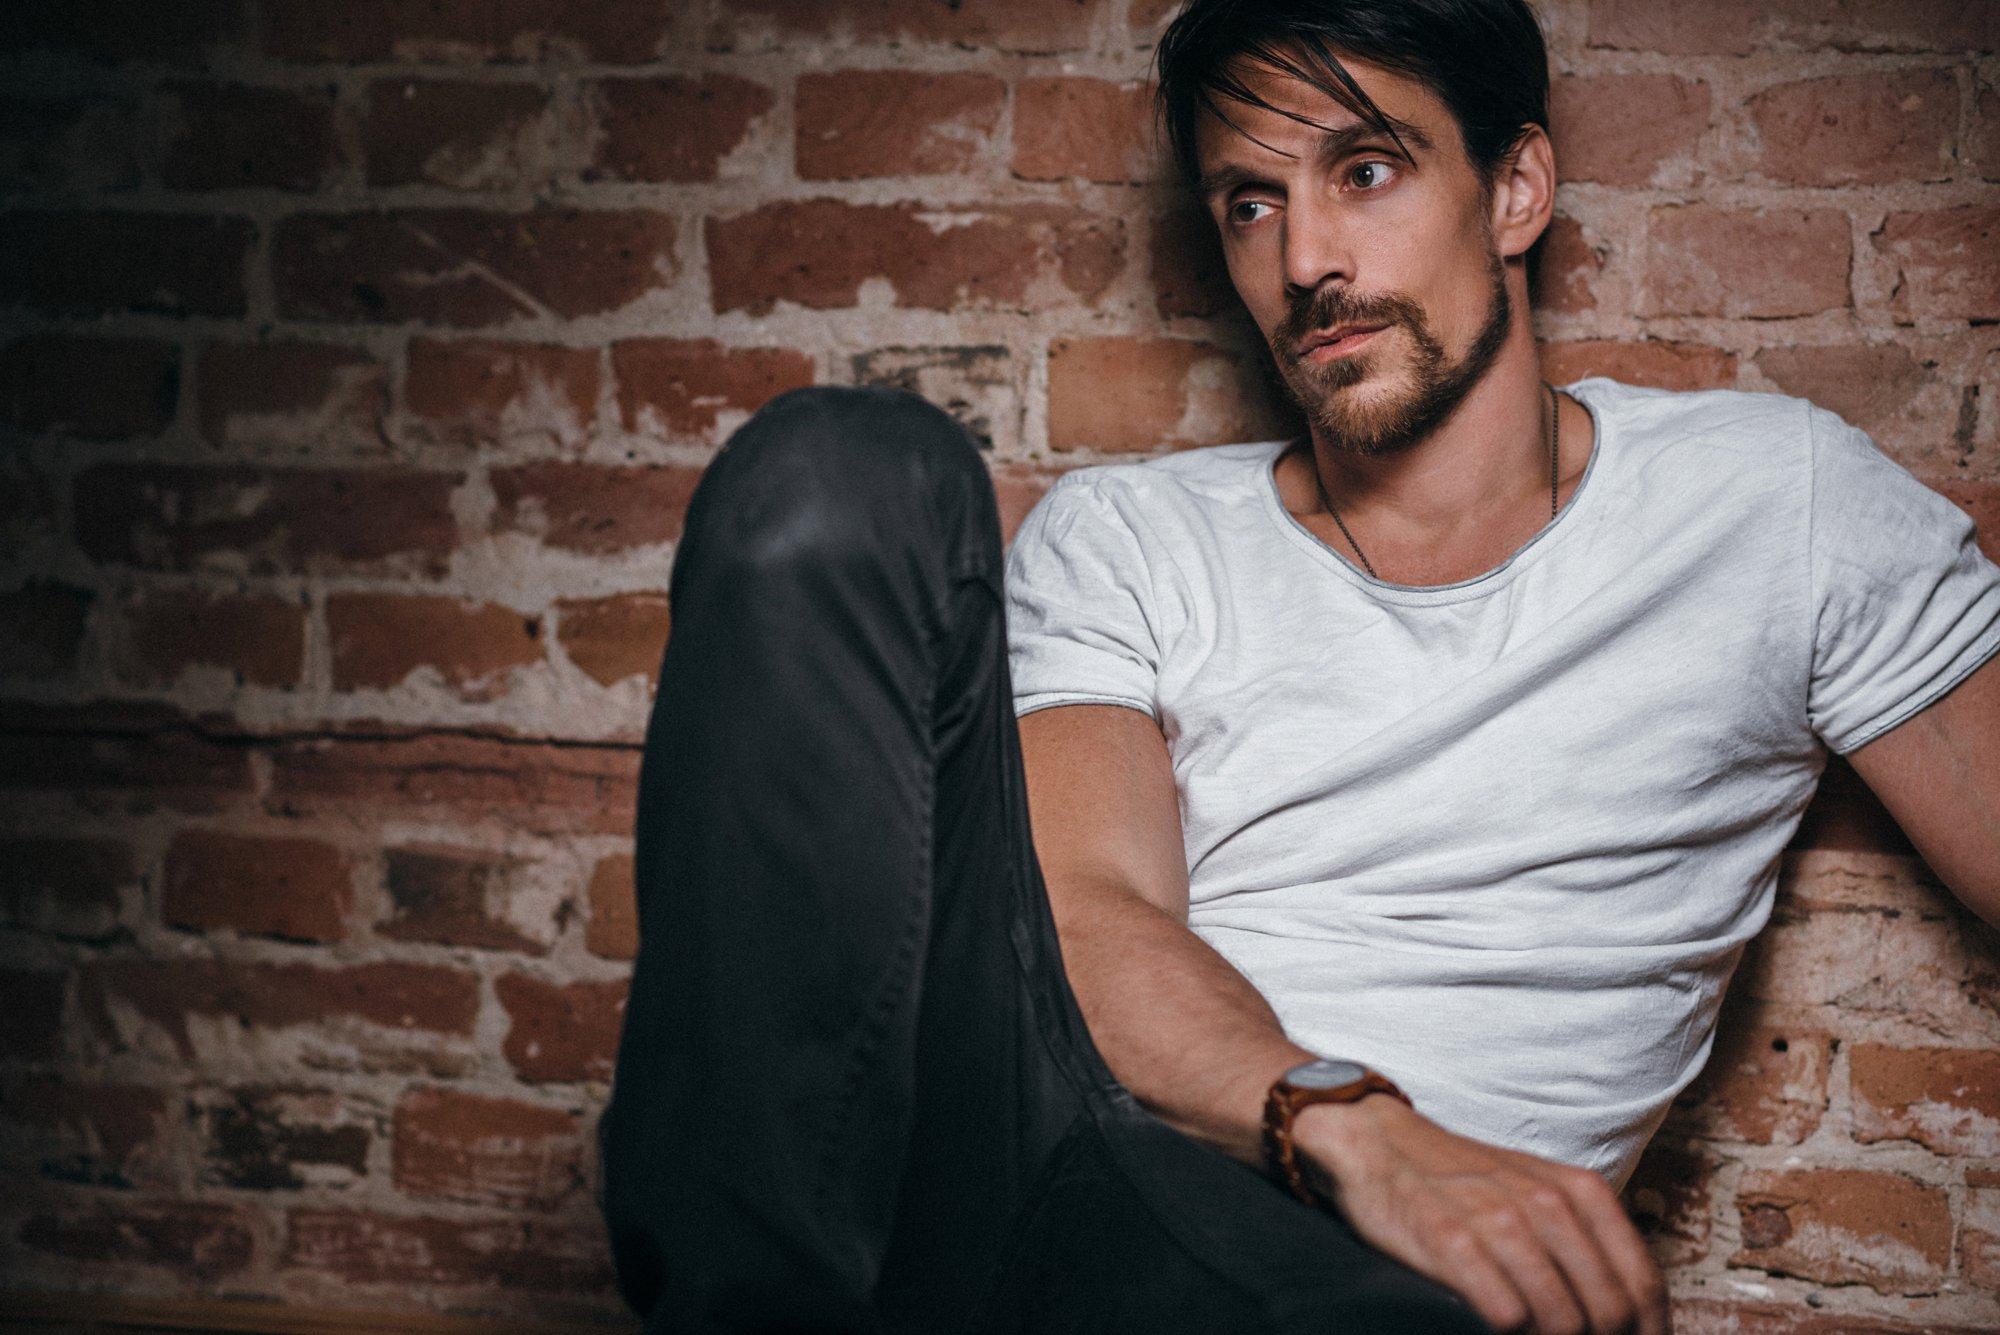 Schauspieler Porträt vor einer Steinwand im Studio 23